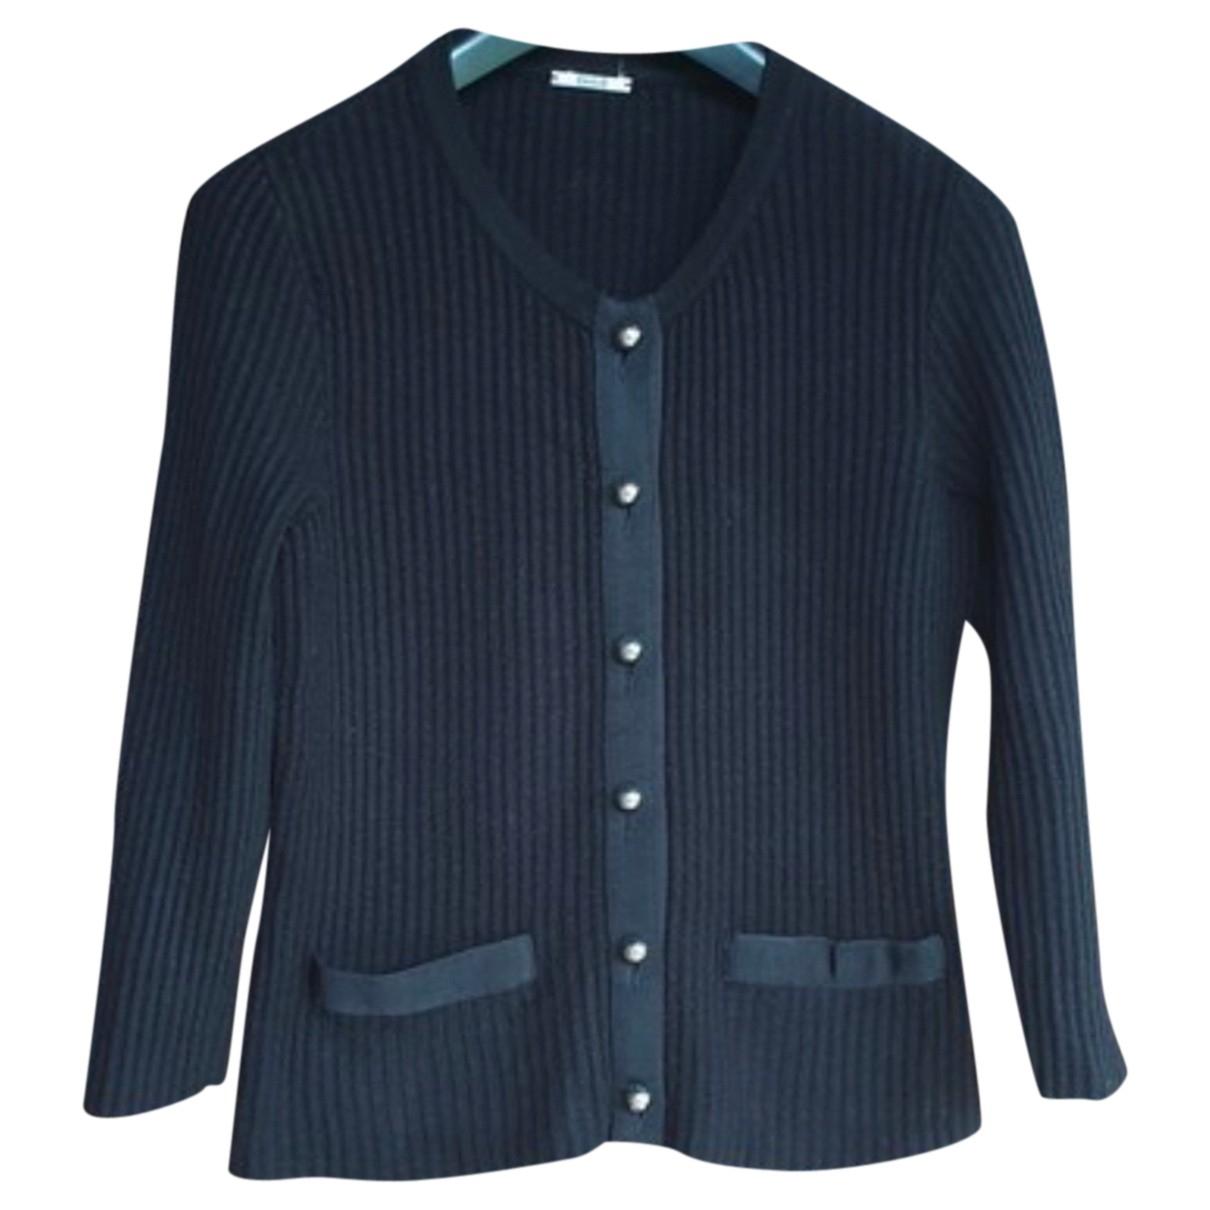 Wolford - Pull   pour femme en laine - noir